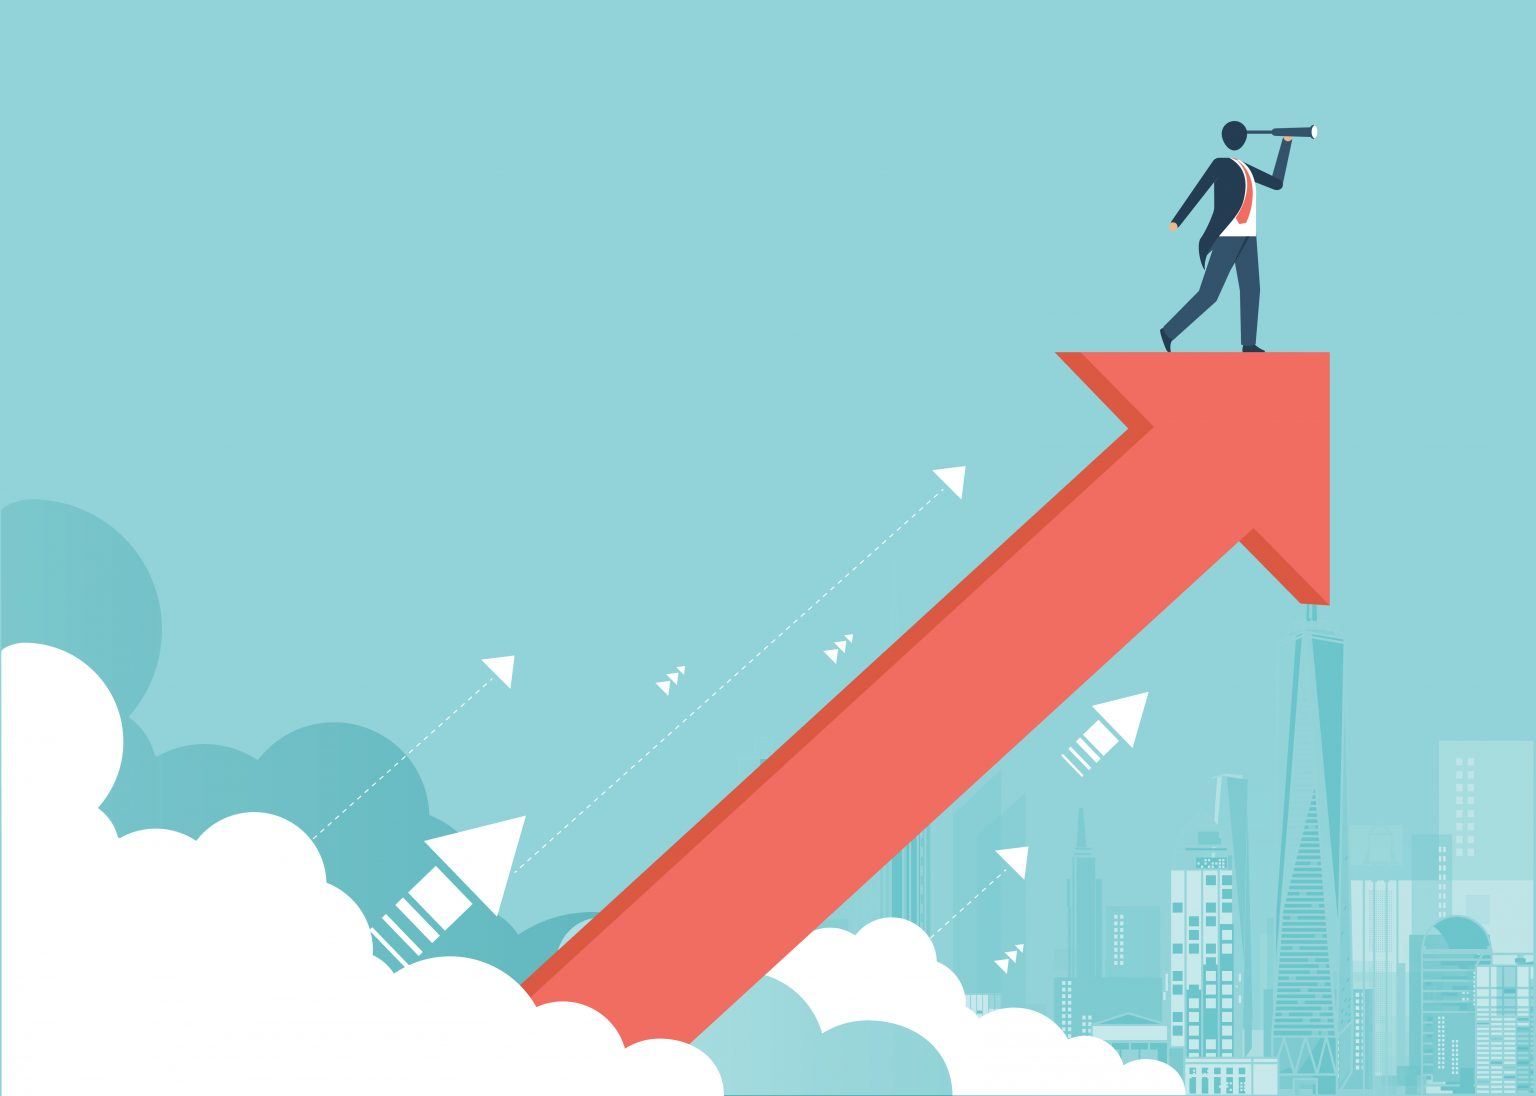 Digital Marketing Content Services | Training Data | Data Management - Reactionpower shutterstock_618390647-1536x1096-1 Blog